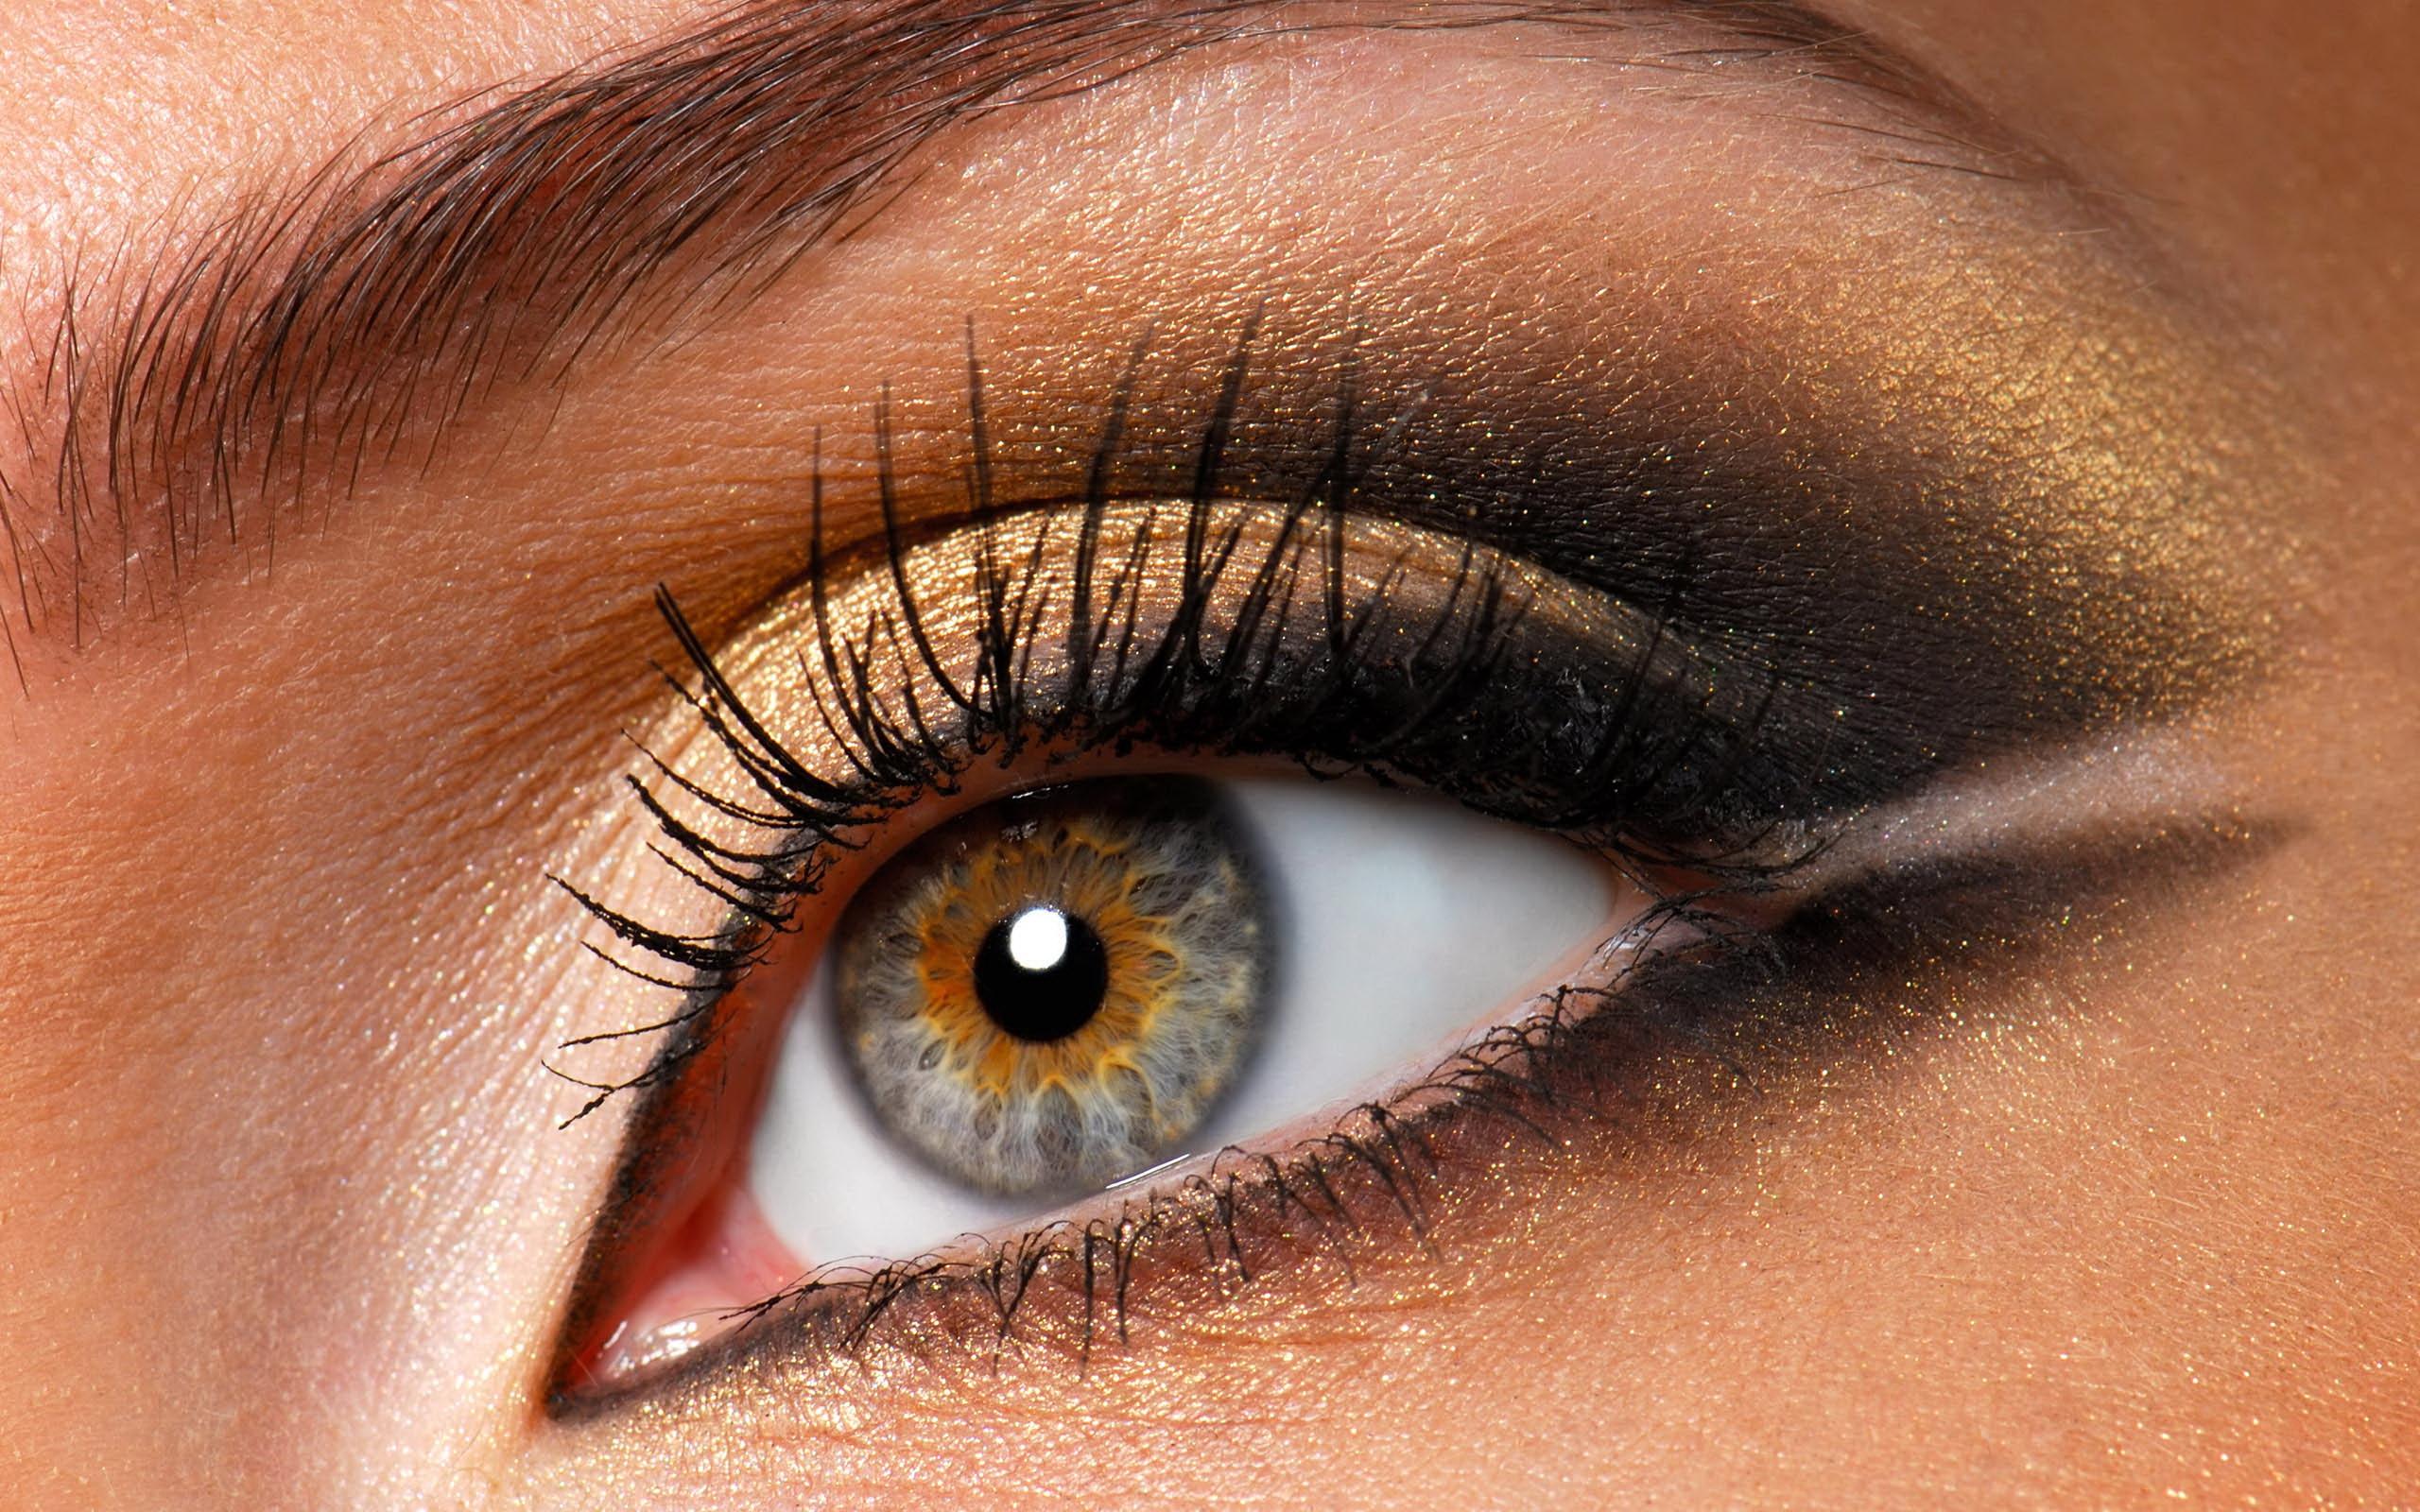 screensaver eye, eyebrow, eyelashes, makeup, skin, pupil